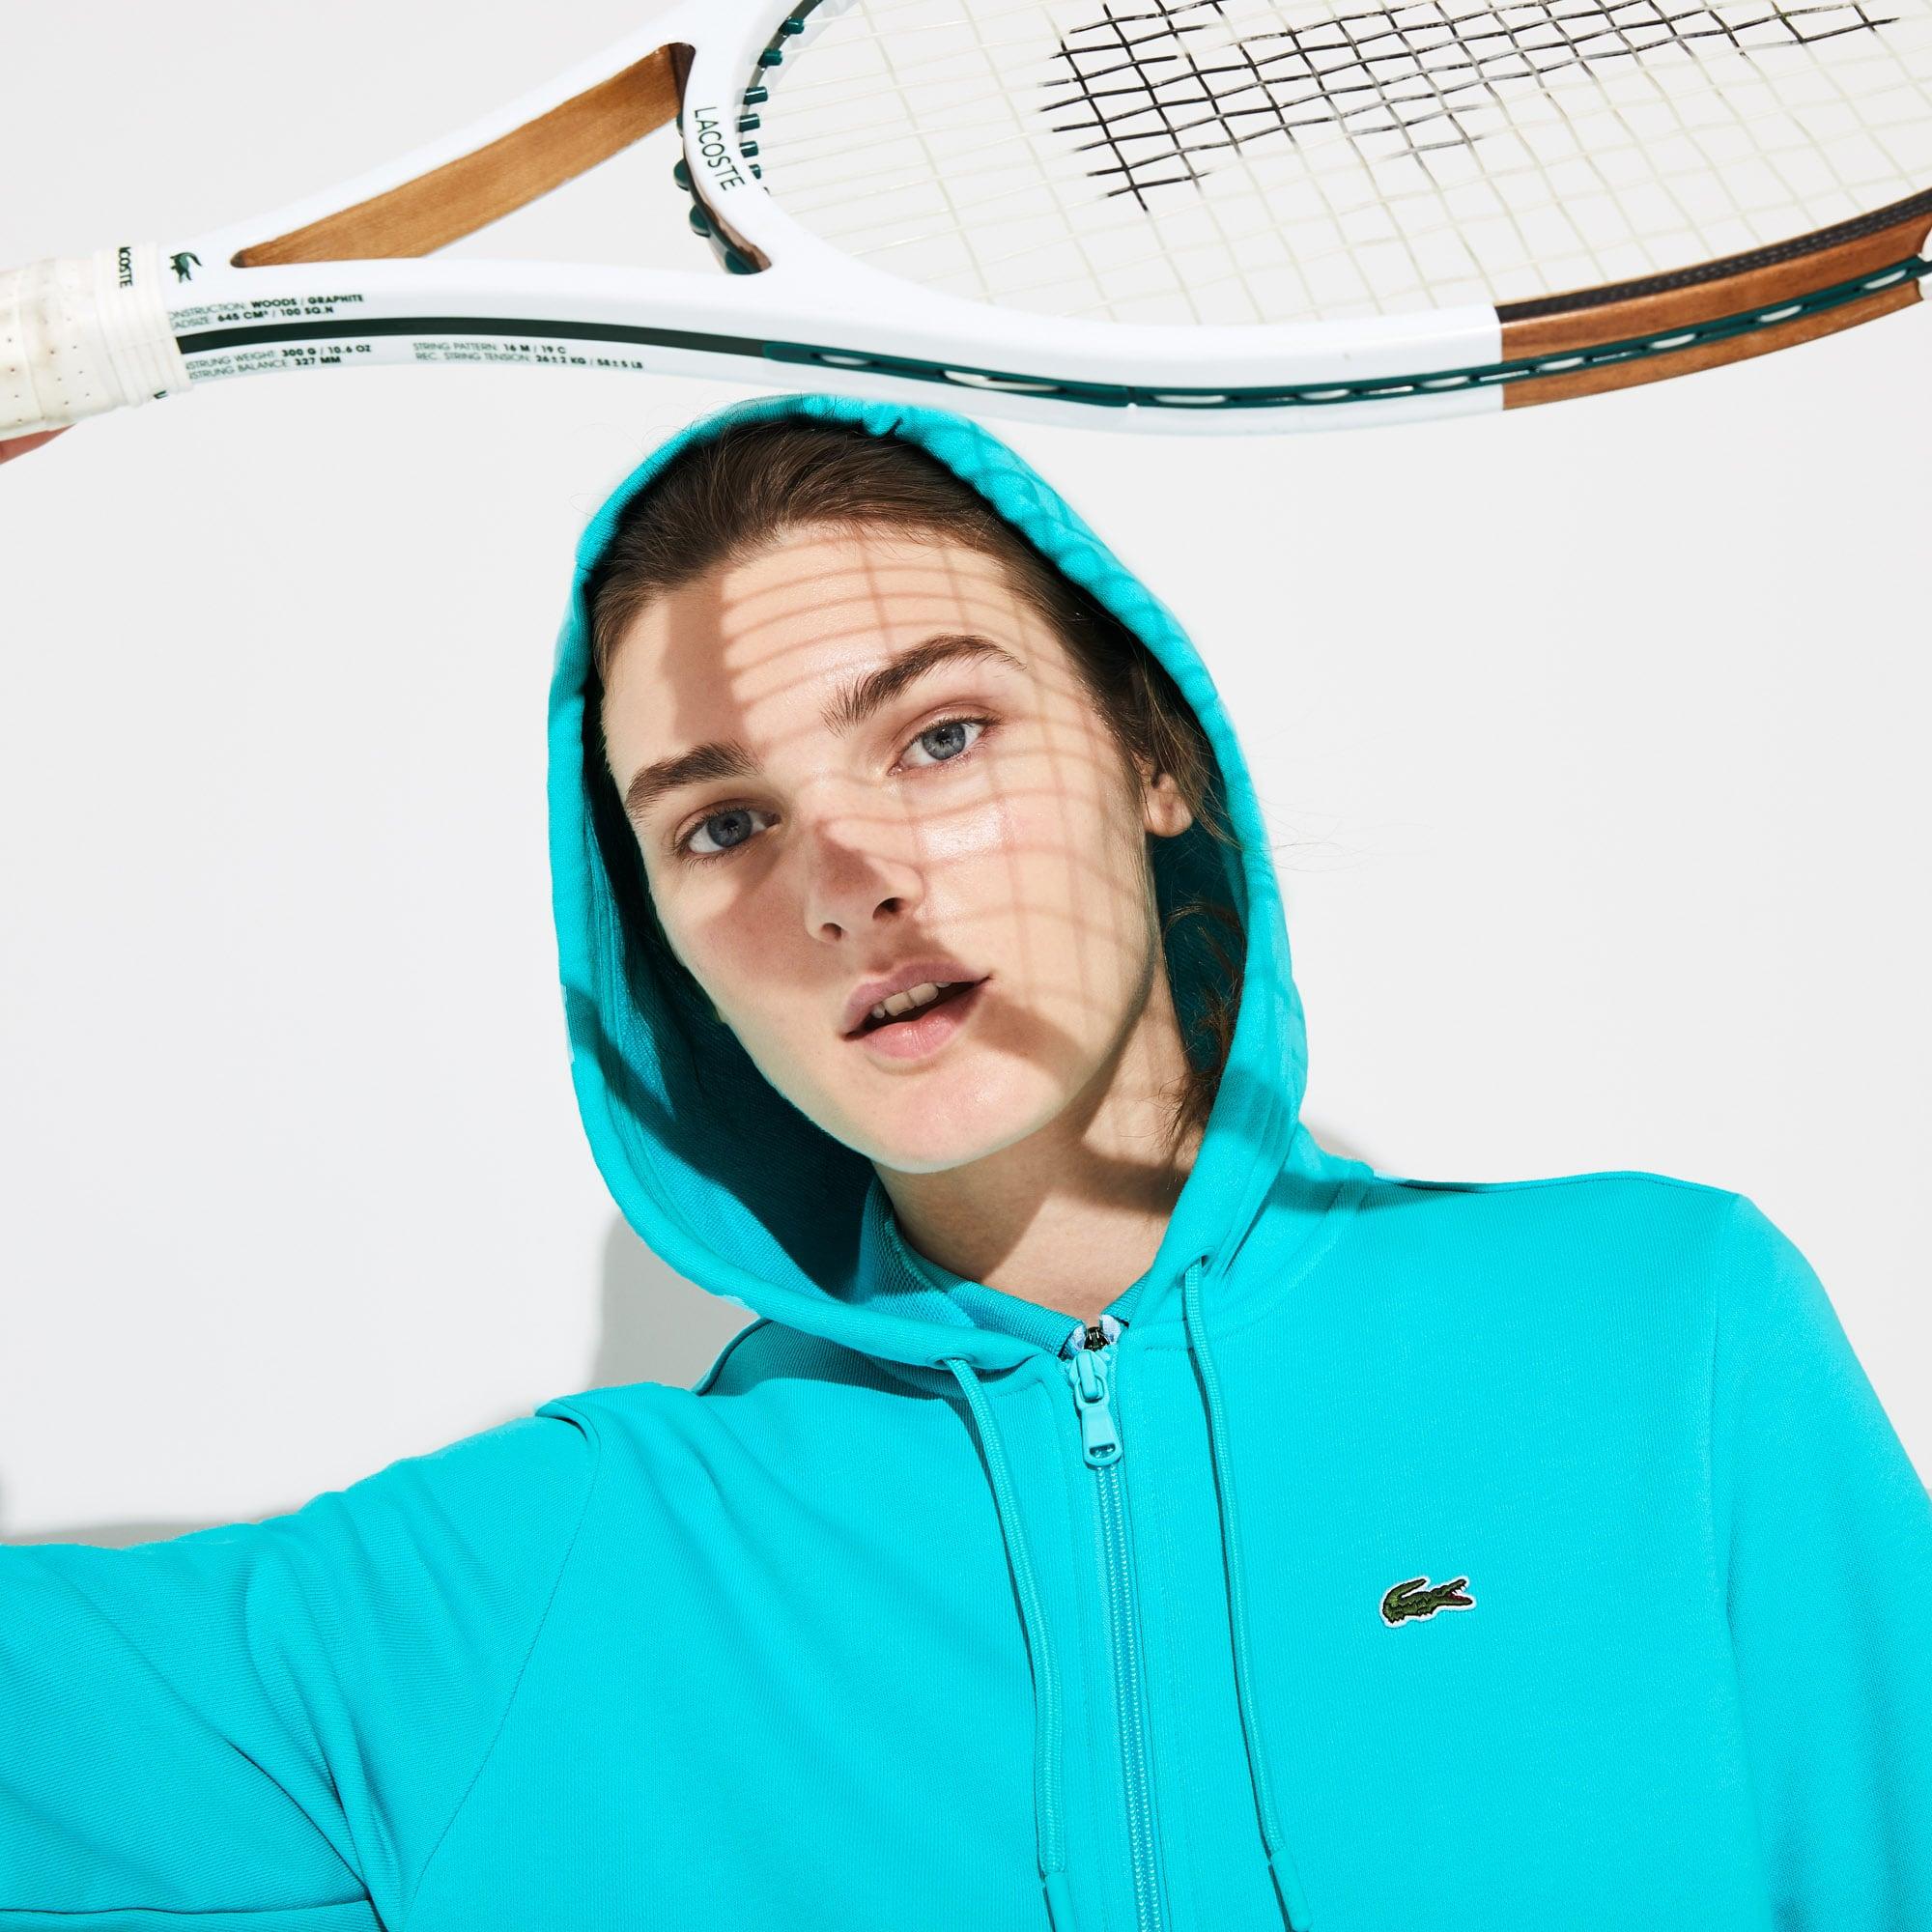 info for 15a9f 5786f Tennisbekleidung Damen   Damen Sportbekleidung   LACOSTE